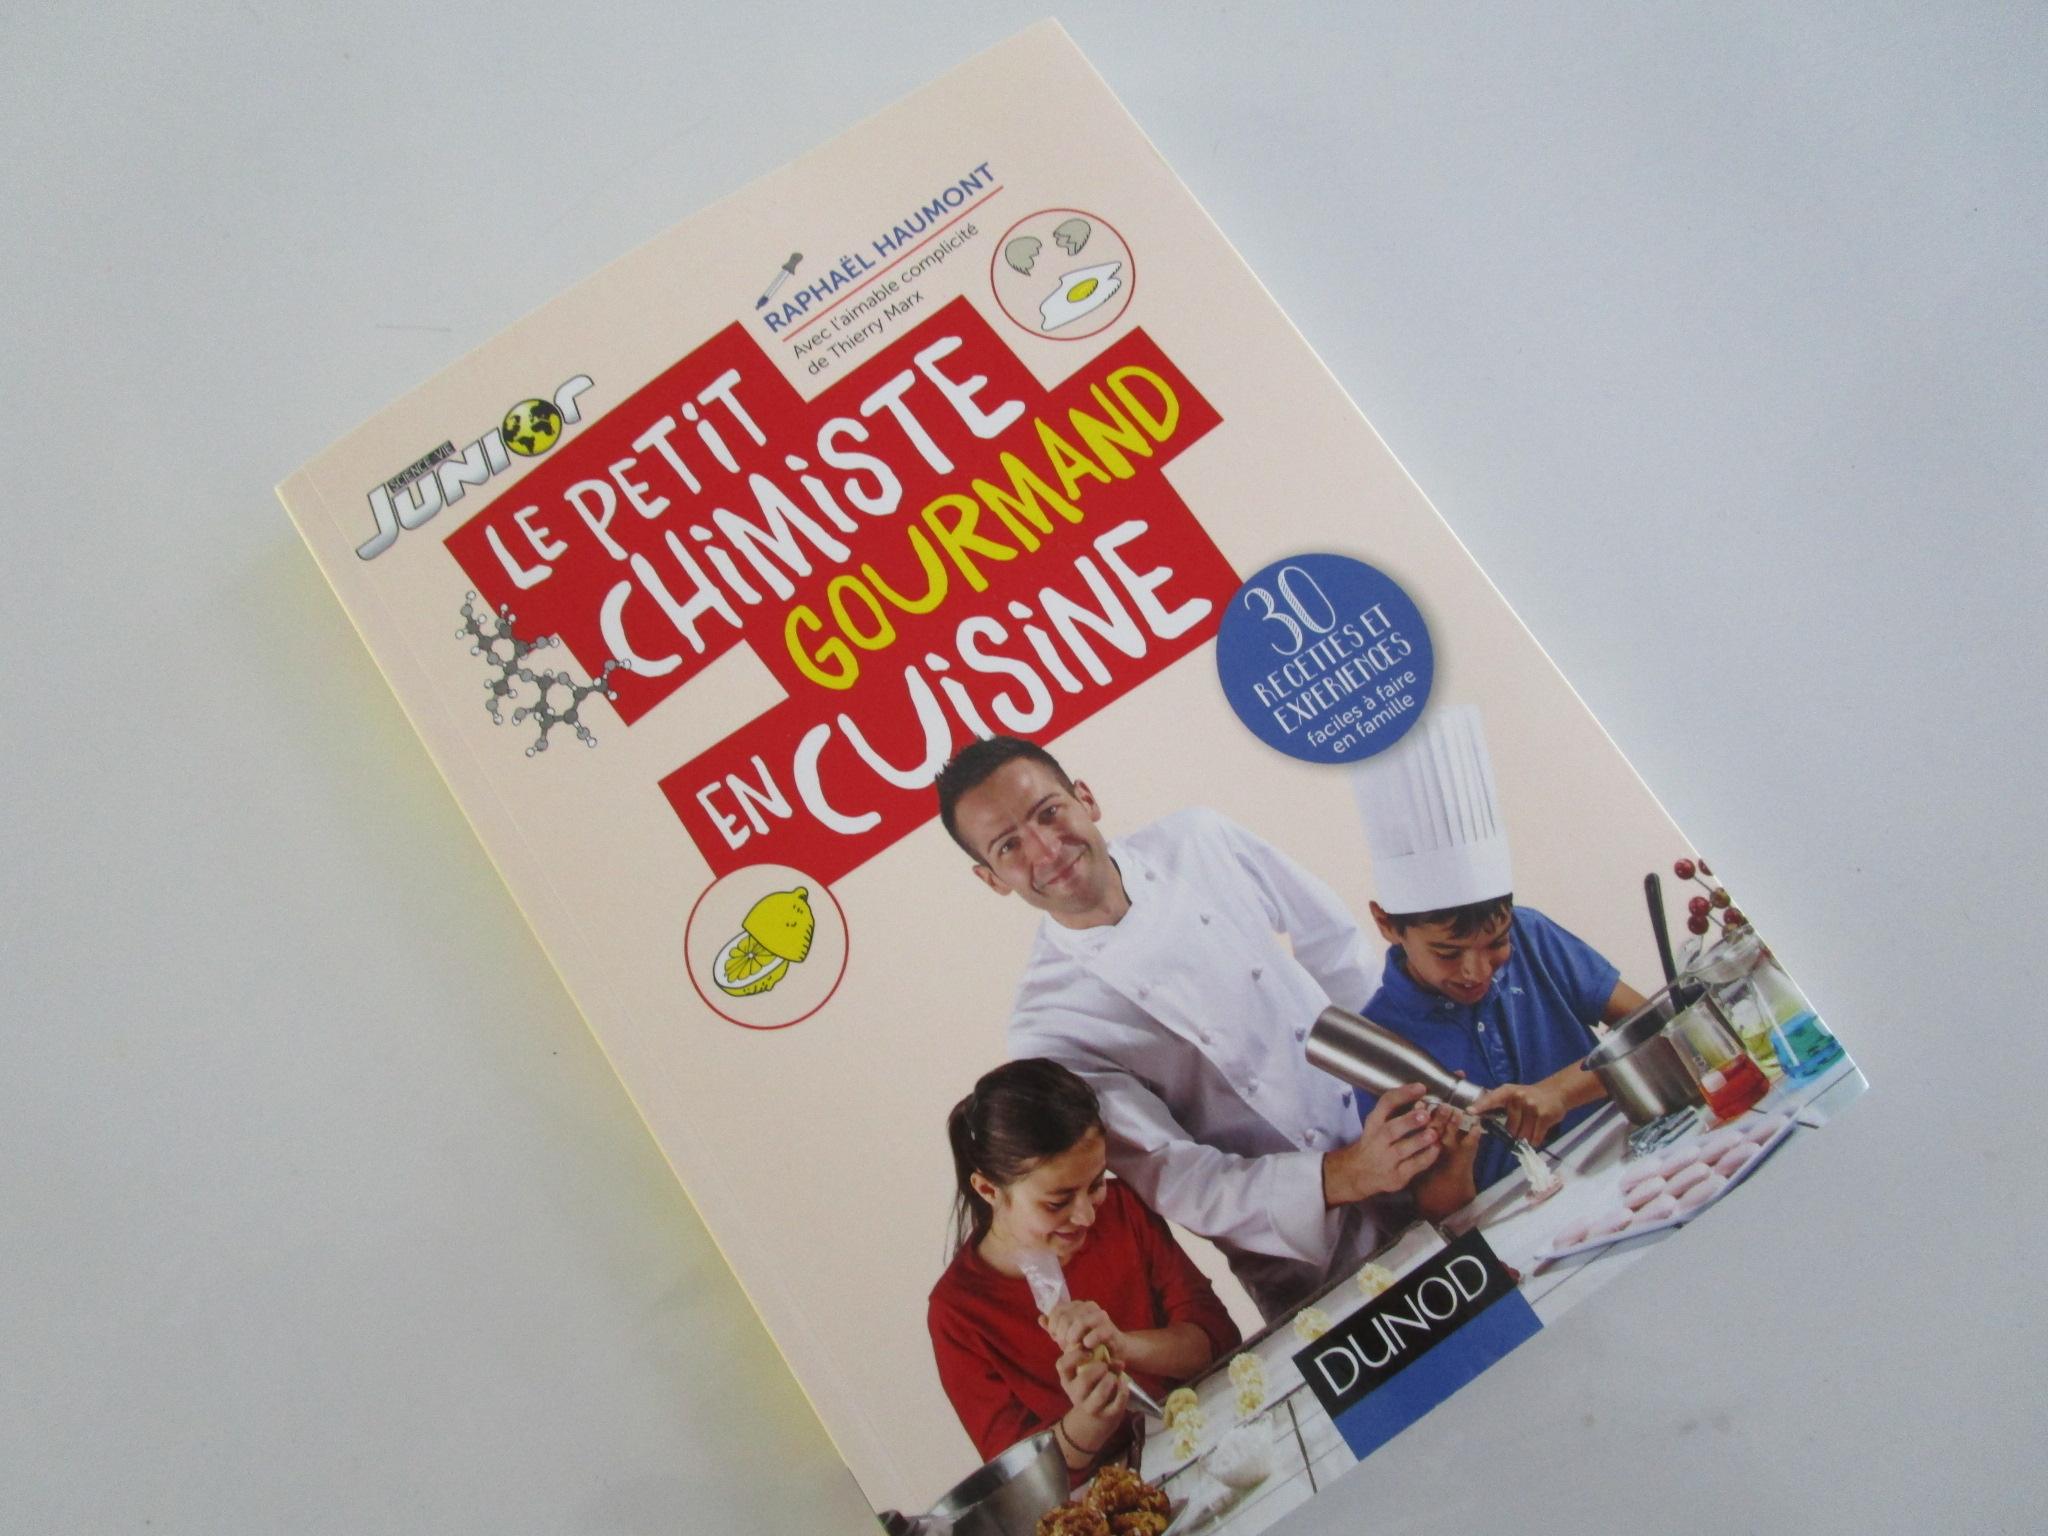 Le Petit Chimiste Gourmand En Cuisine Editions Dunod